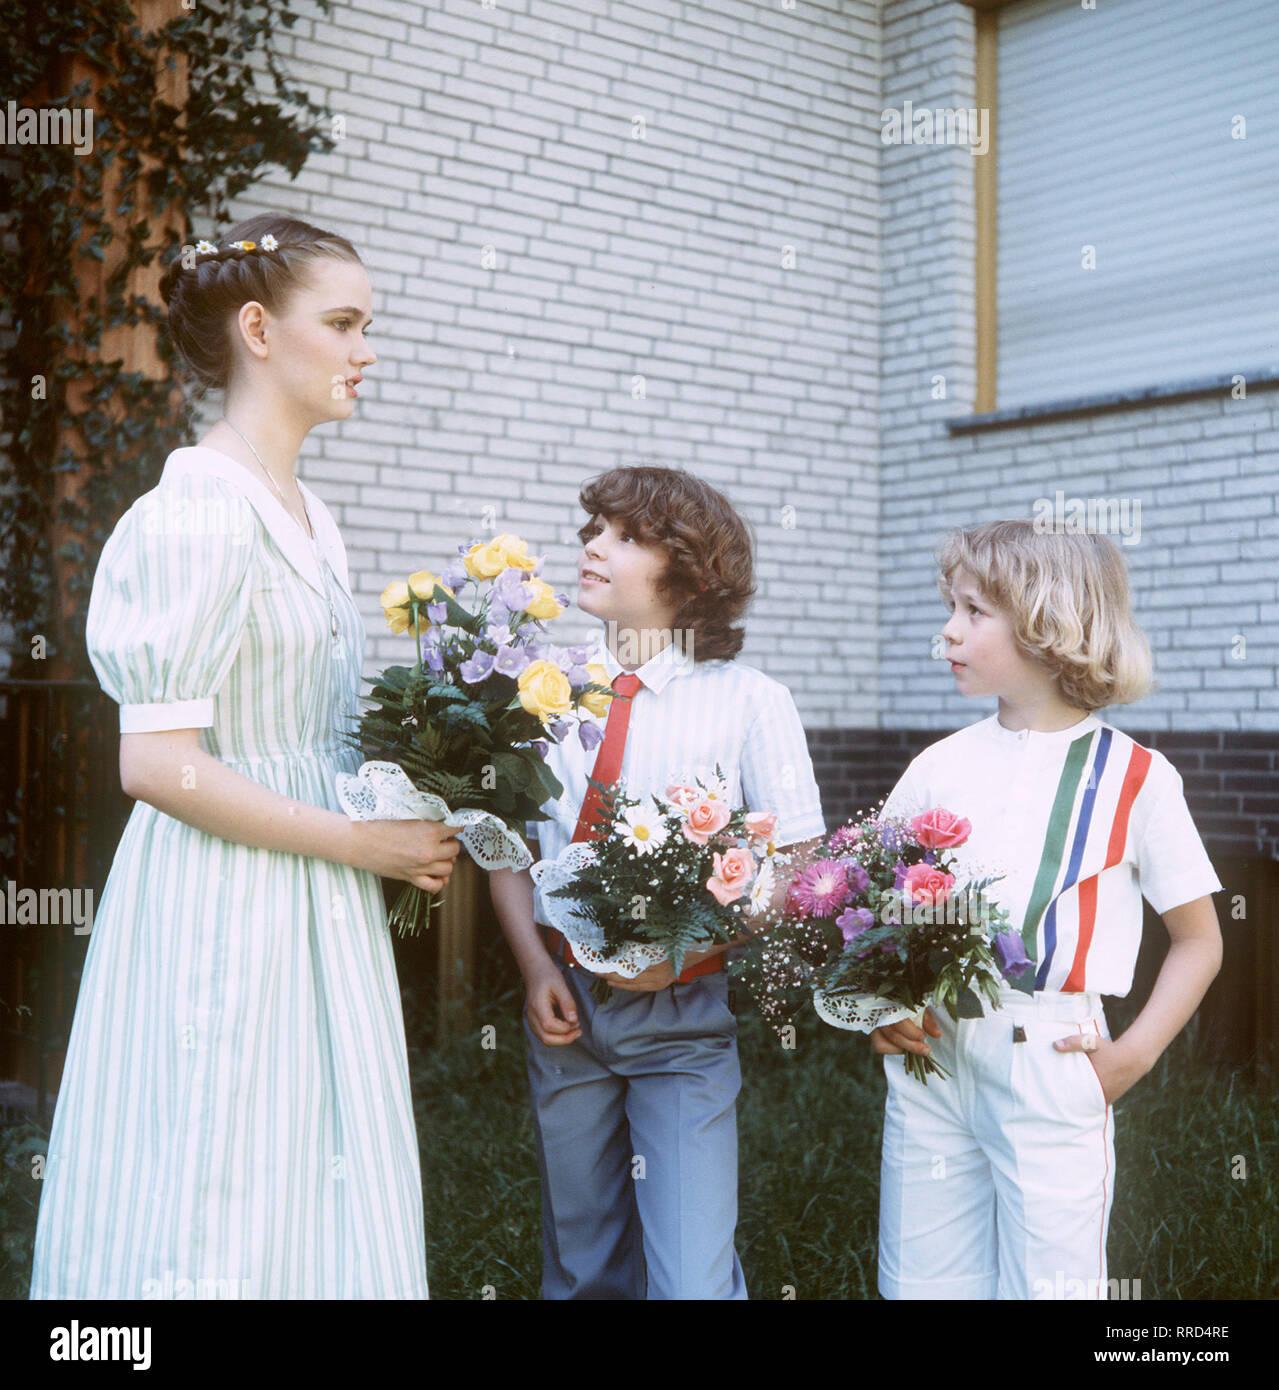 ICH HEIRATE EINE FAMILIE / Folge: 1+1=5 / D 1983 / Werner Schumann und Angelika Graf heiraten. / Foto: Angelikas drei Kinder - vlnr.: Tanja (JULIA BIEDERMANN), Markus (TIMMO NIESER) und Tom (TAREK HELMY) - bei der Hochzeitsfeier. / EM / / Überschrift: ICH HEIRATE EINE FAMILIE / BRD 1983 Immagini Stock